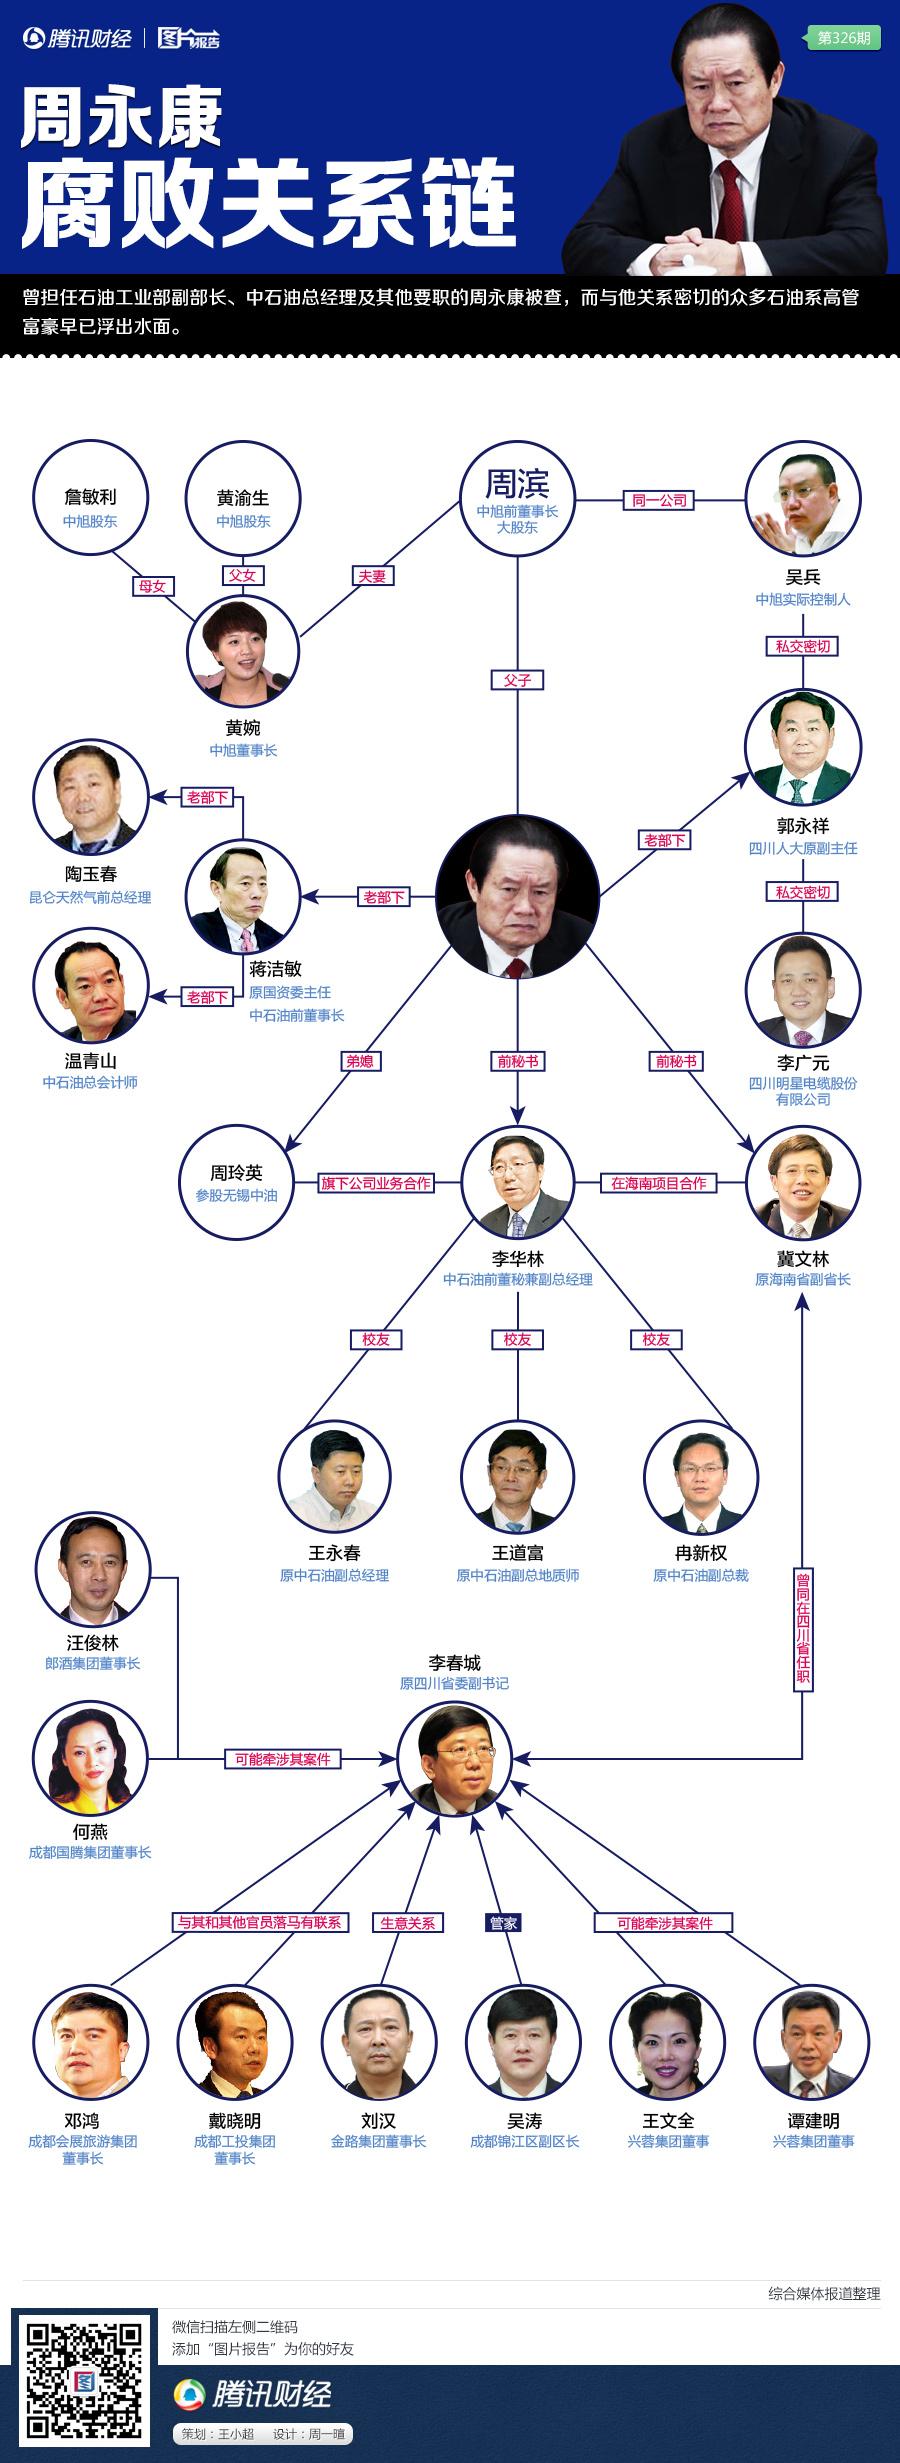 周永康与中石油腐败关系谱